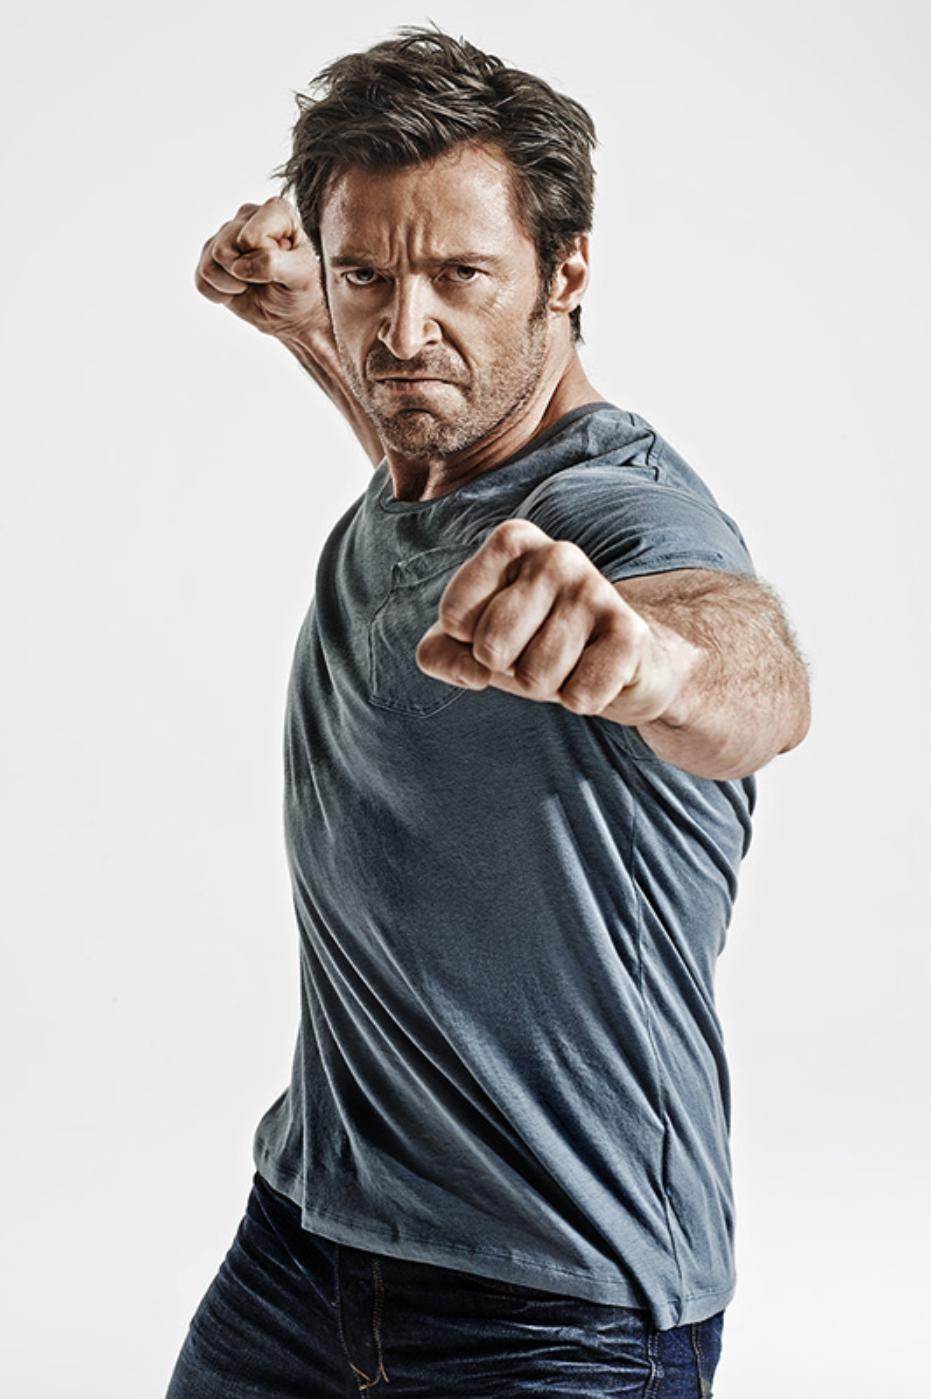 Hugh Jackman Wolverine Hugh Jackman Hugh Jackman Hugh Jackman Logan